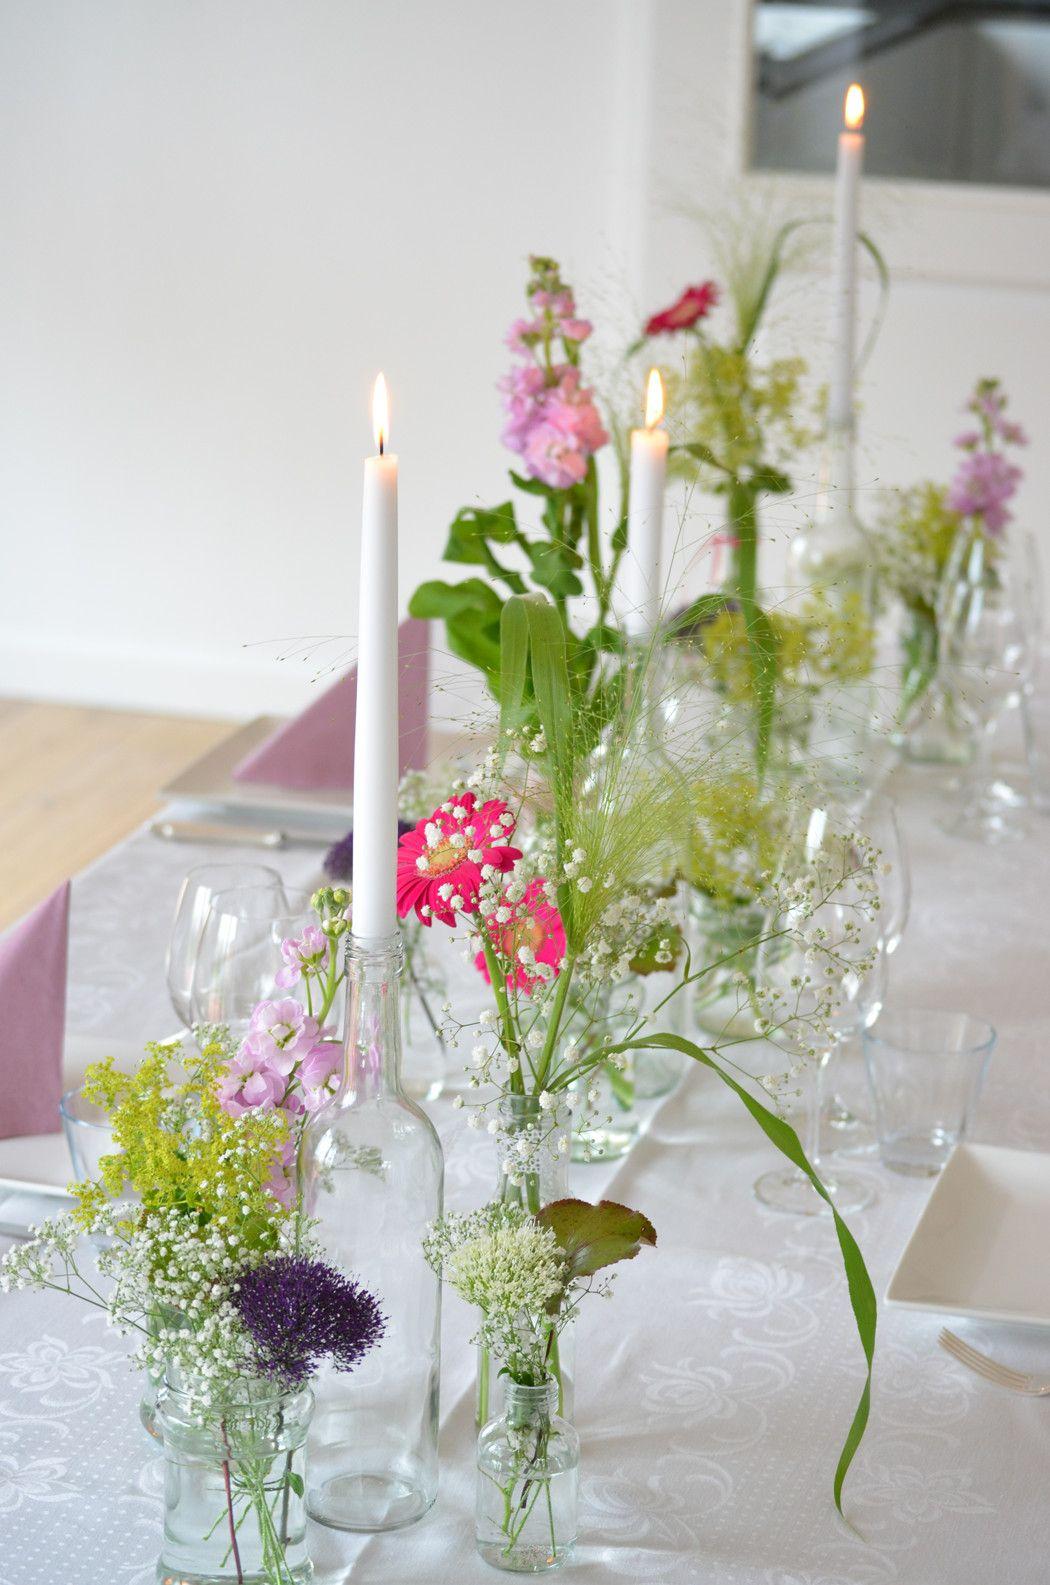 Tischdeko Für Den Abiball Selber Machen U2013 Eine Einfache Deko DIY Idee  Für Die Abschlussfeier Und